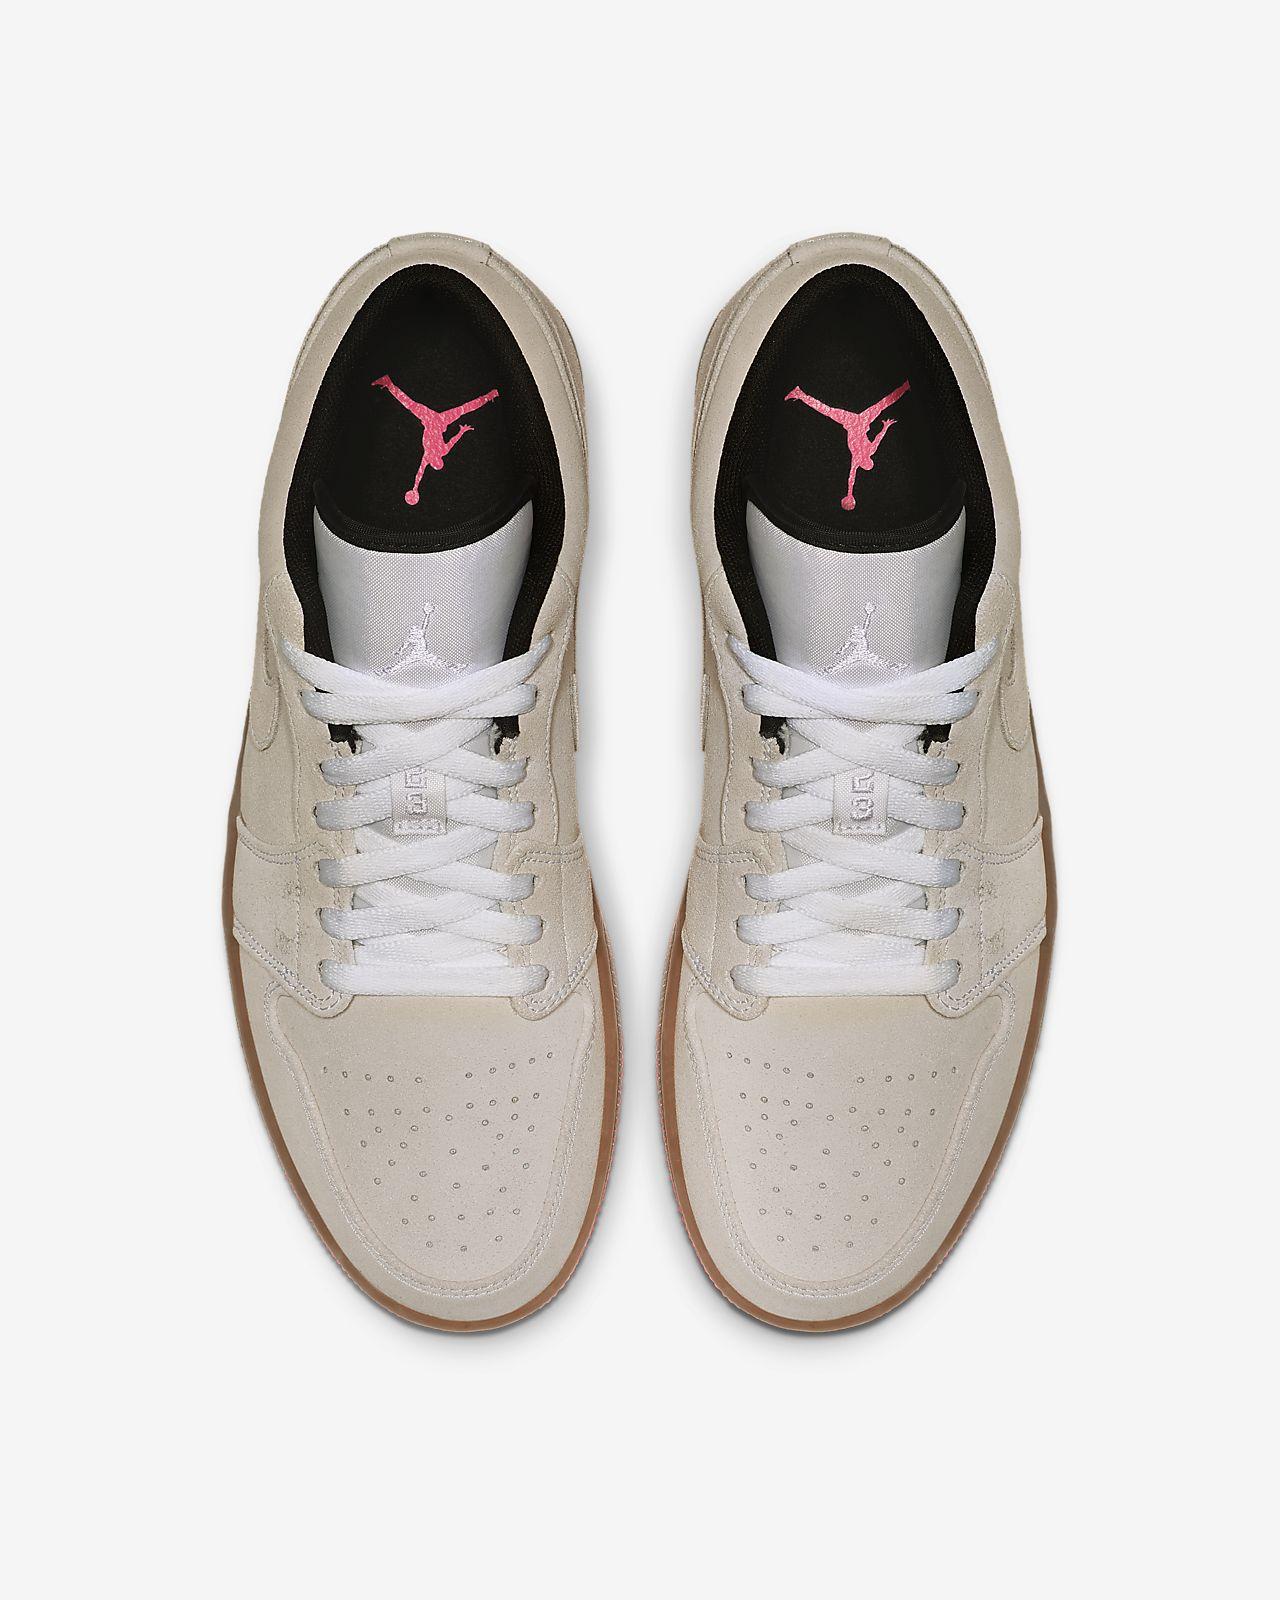 192226450c4bd1 Air Jordan 1 Low Men s Shoe. Nike.com GB